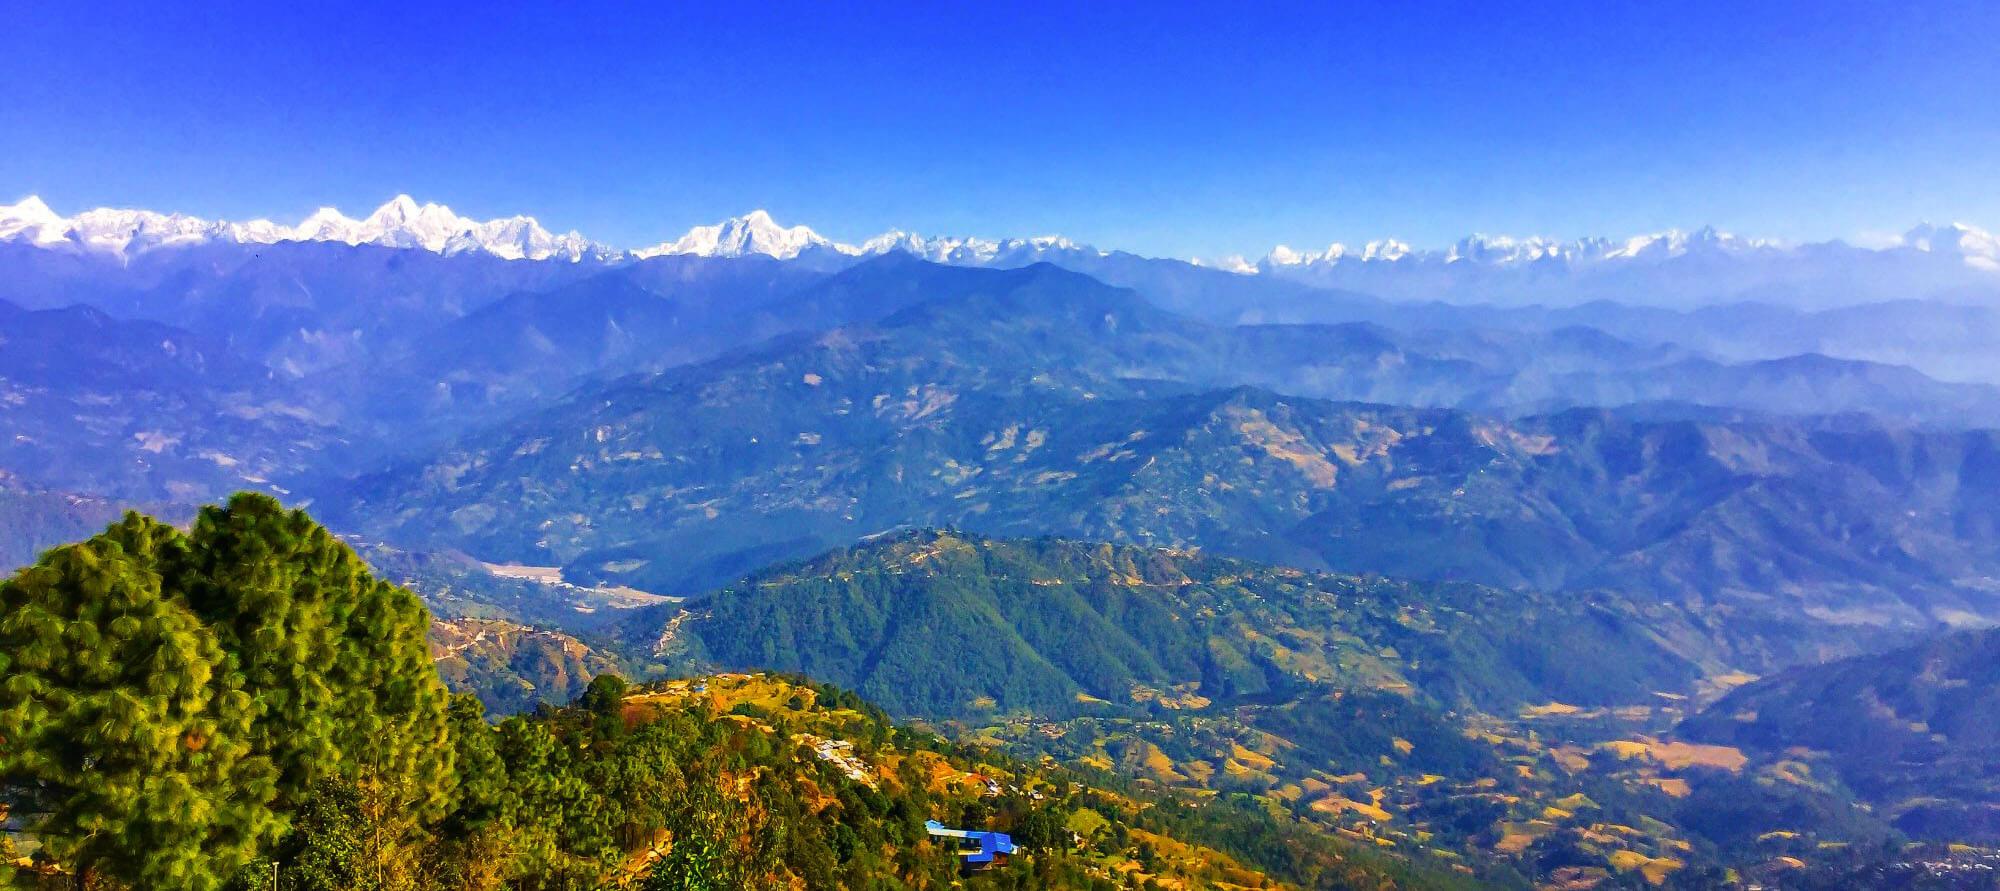 Nagarkot Changunarayan Hiking